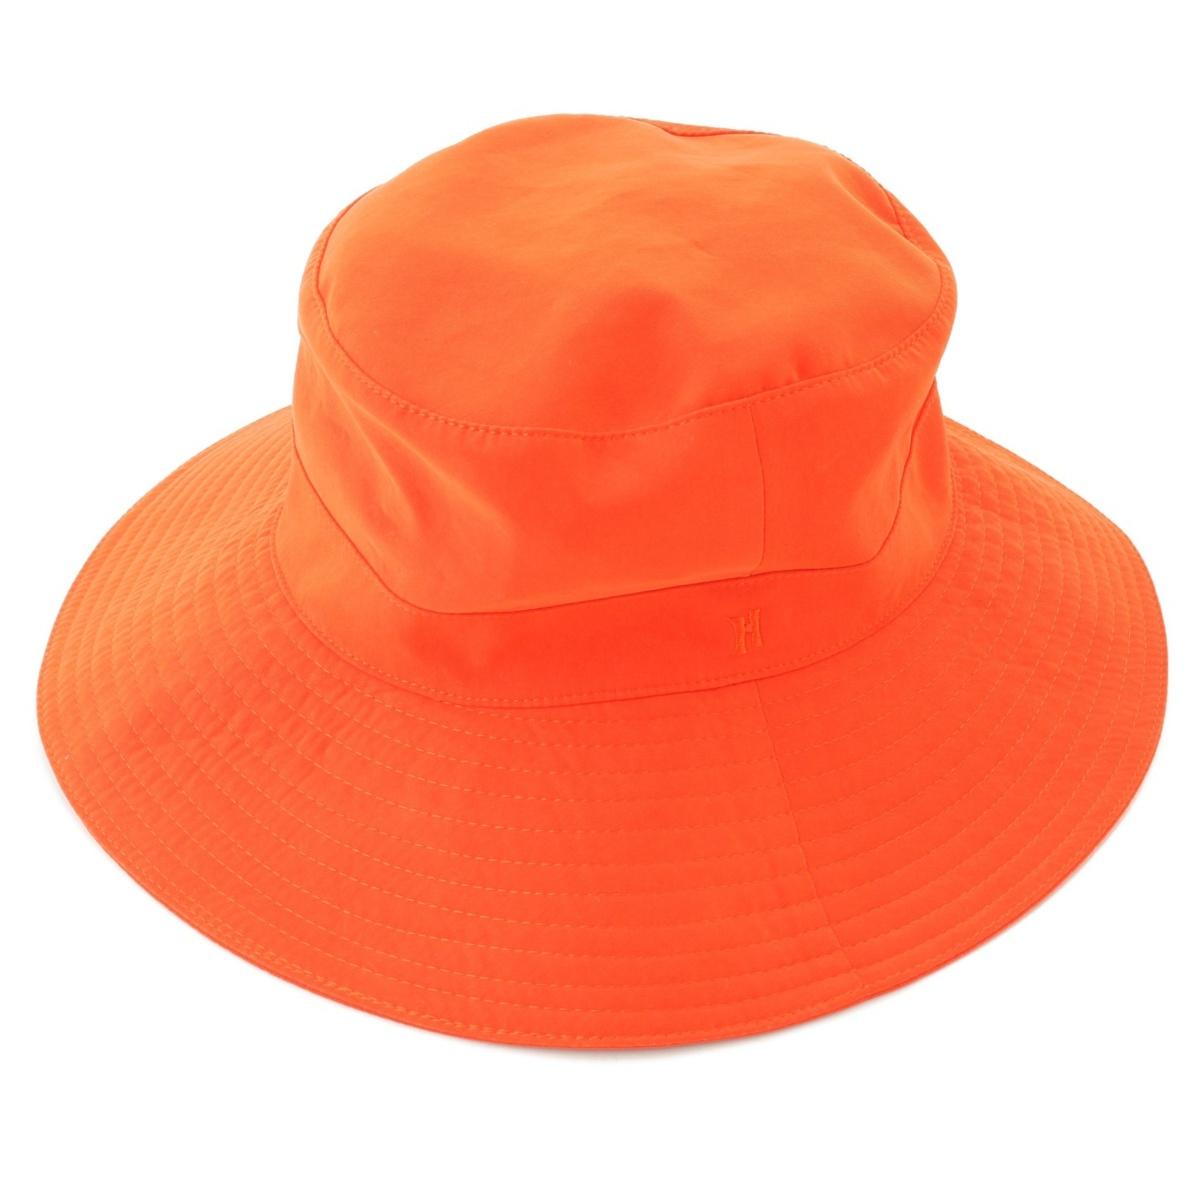 【エルメス】Hermes H刺繍 ハット 帽子 オレンジ 56 【中古】【鑑定済・正規品保証】70172